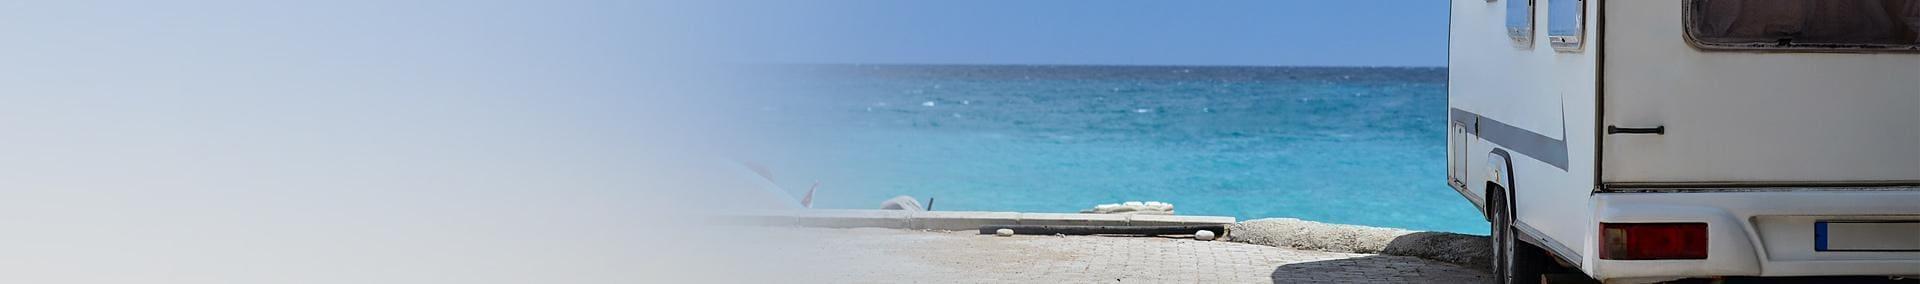 wóz campingowy nad morzem